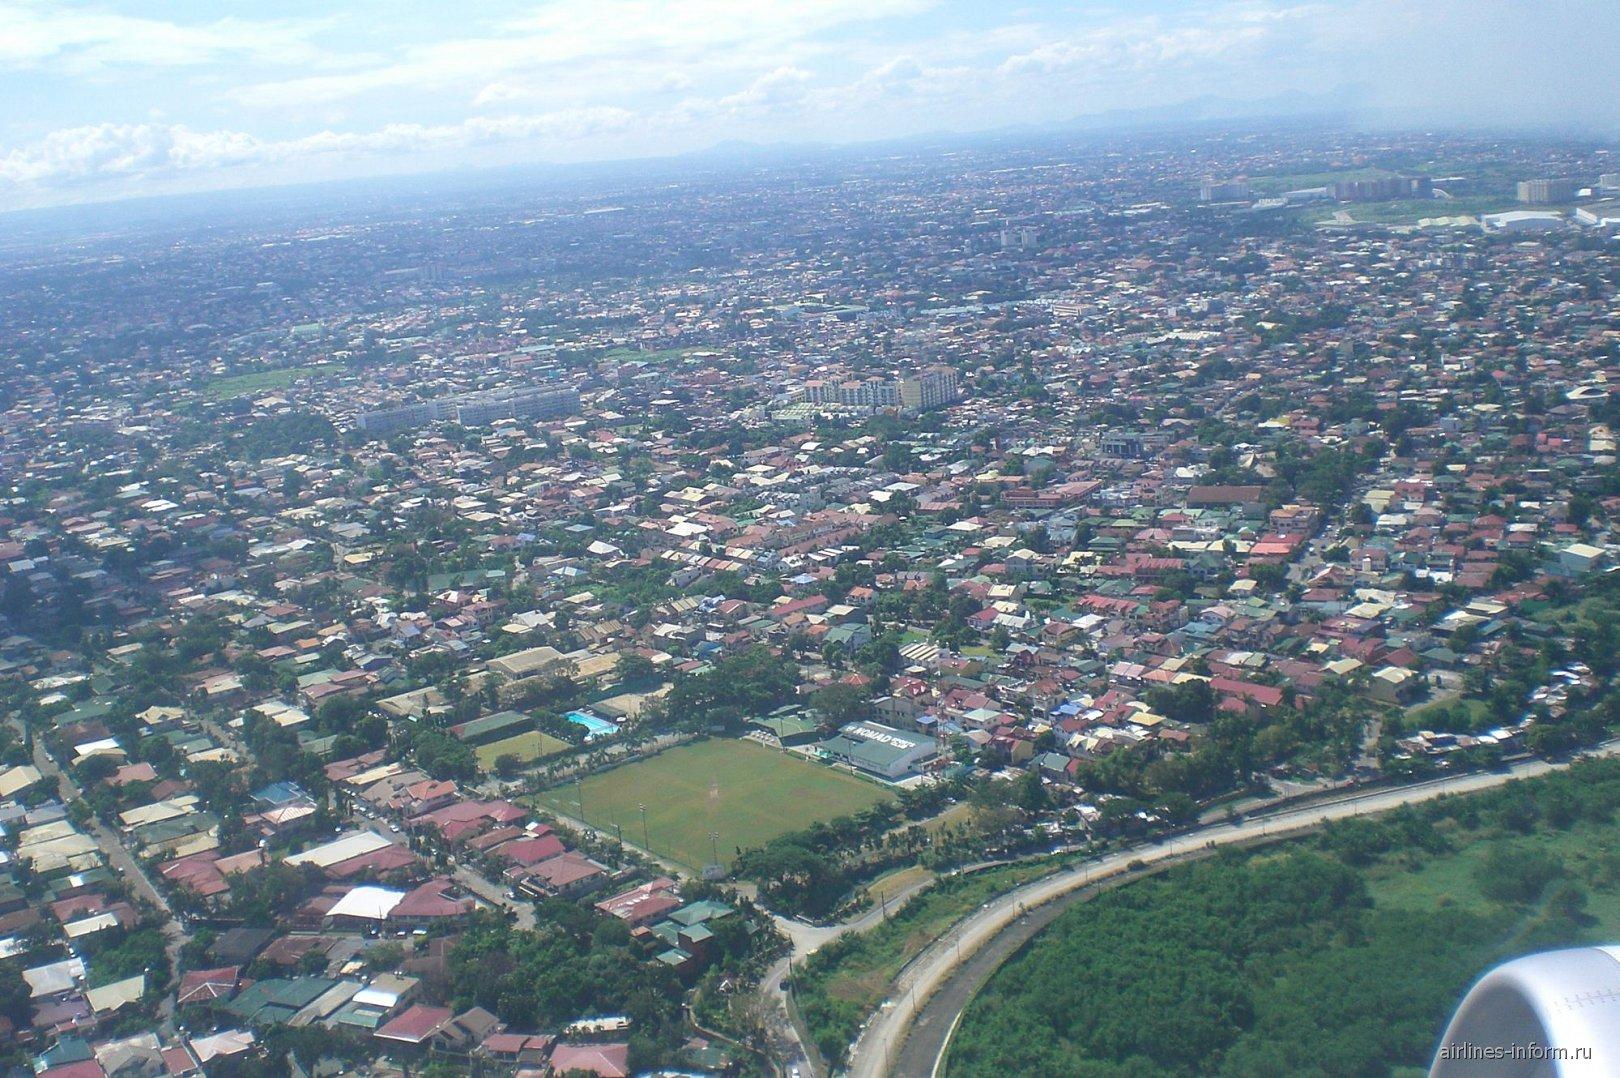 Окраины города Манила при взлете из аэропорта